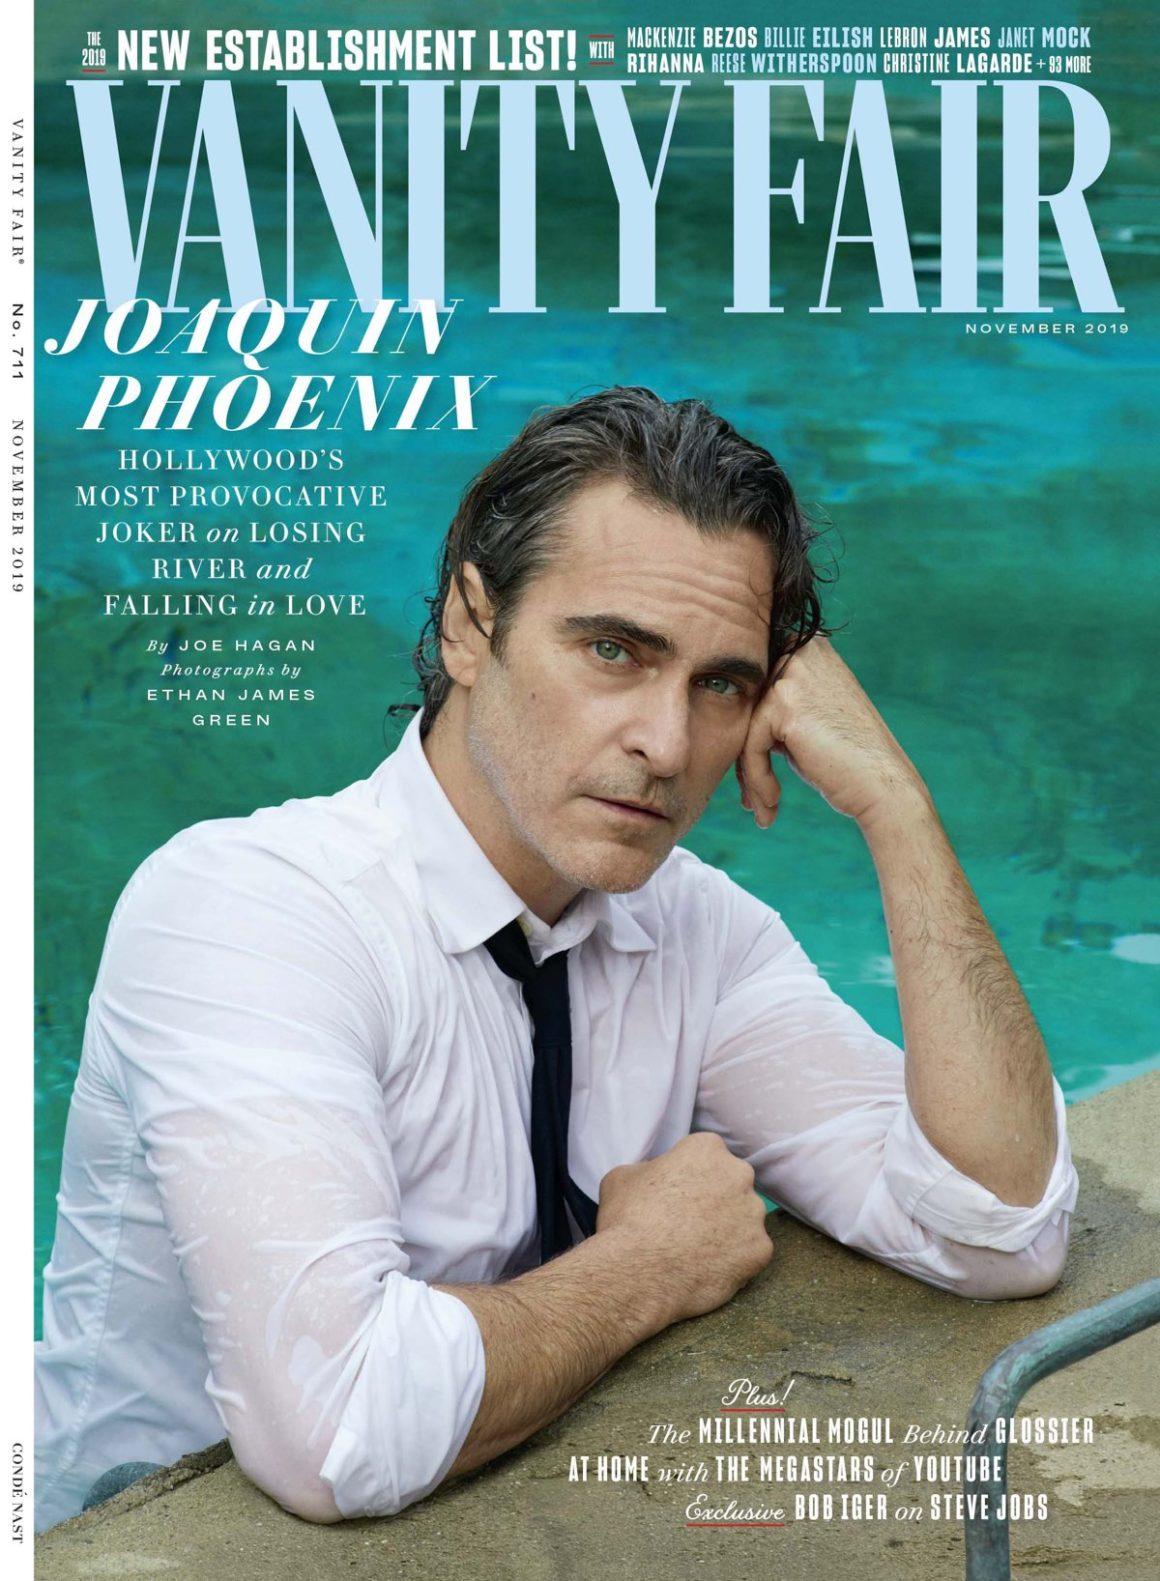 Joaquin Phoenix for Vanity Fair